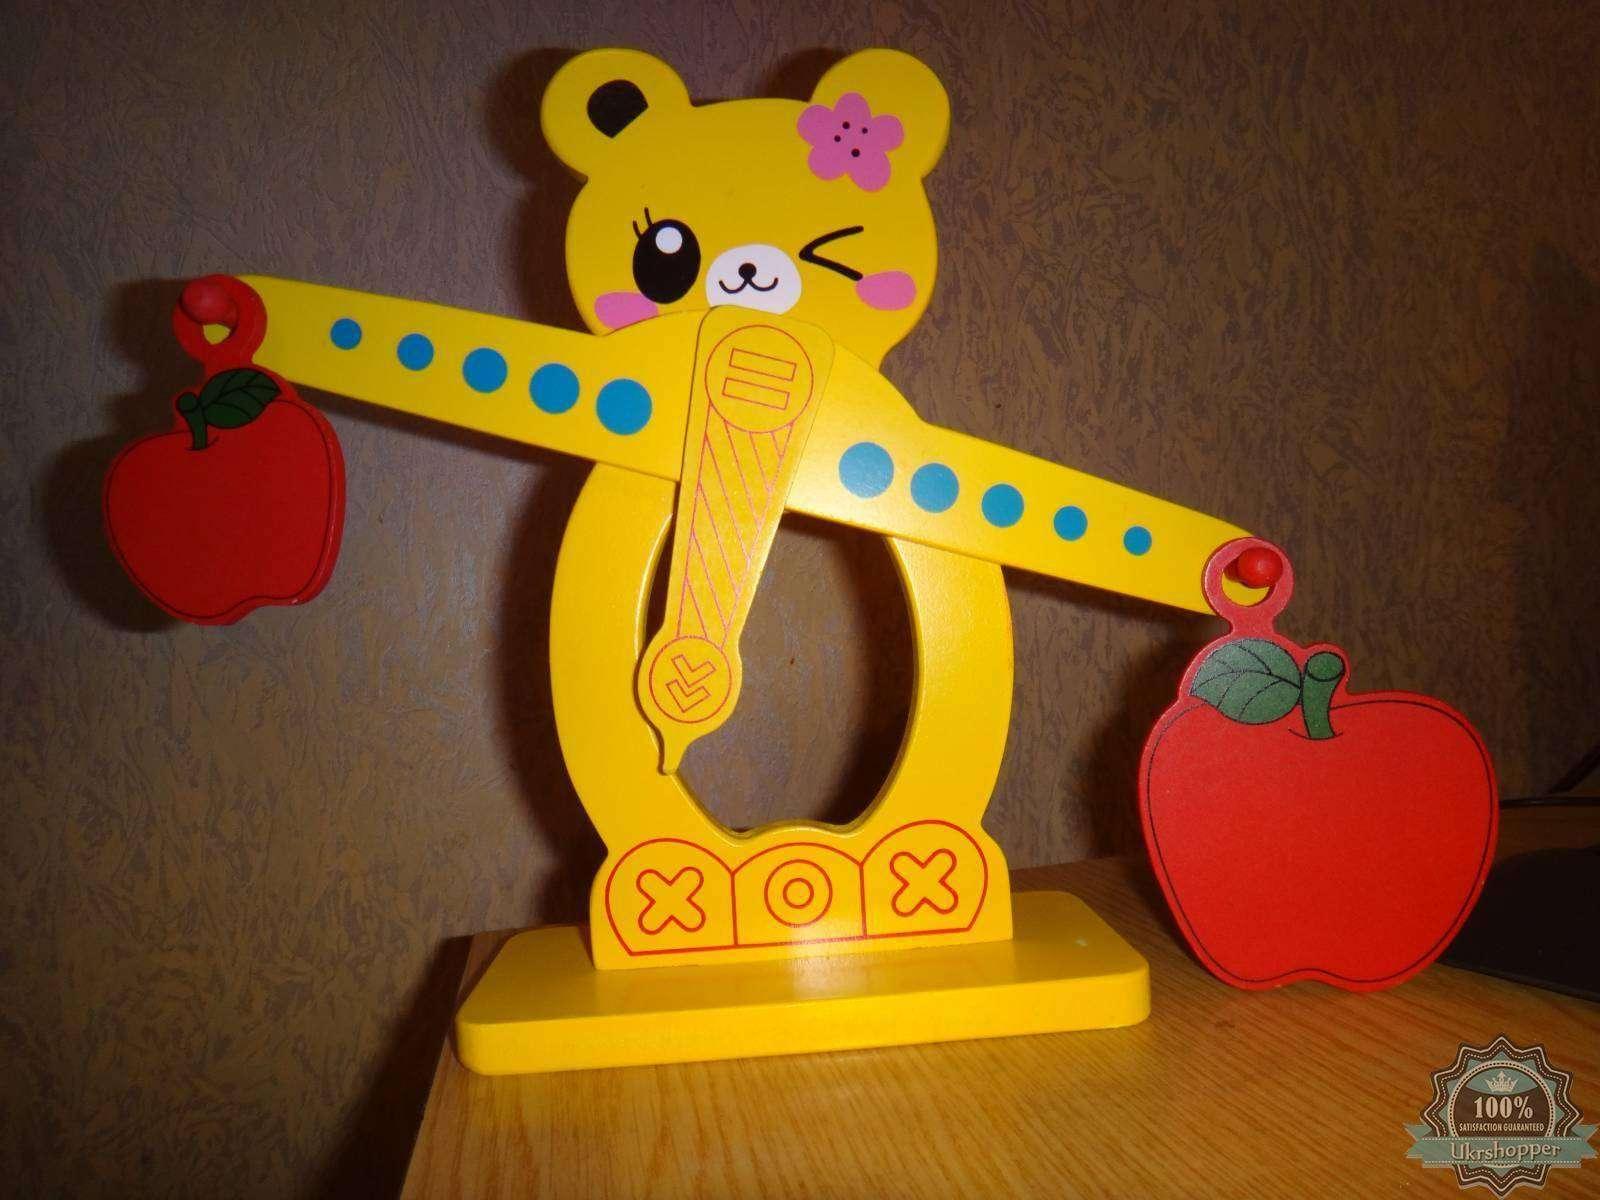 Aliexpress: Учимся считать - деревянная развивающая игрушка весы, поясняем больше меньше, учим цифры и действия с ними